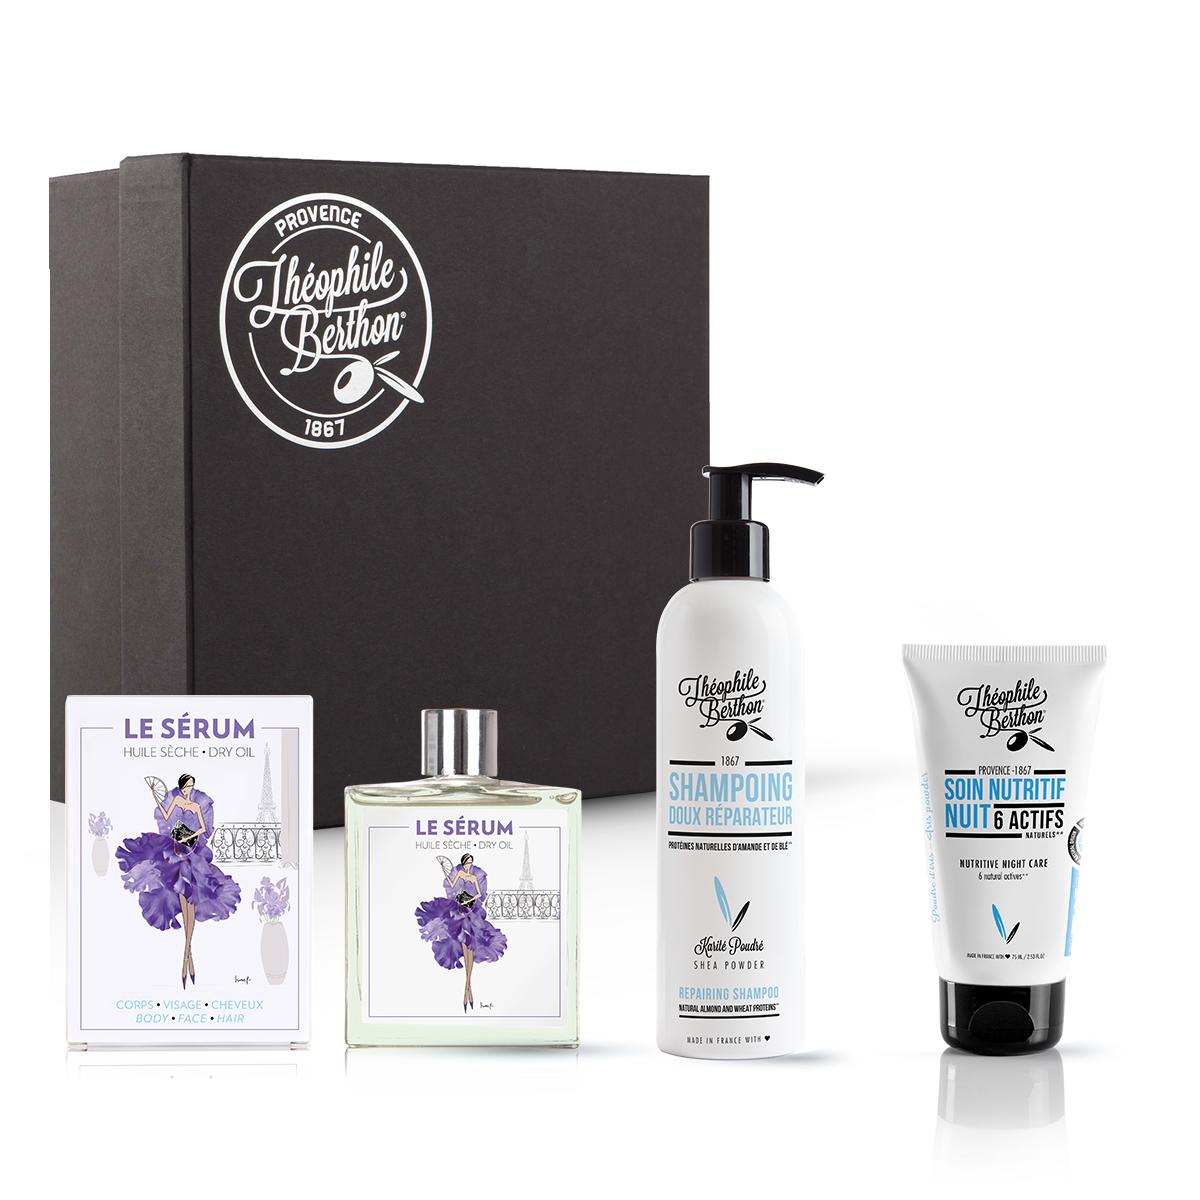 Coffret shampoing doux soin visage et huile multifonctions